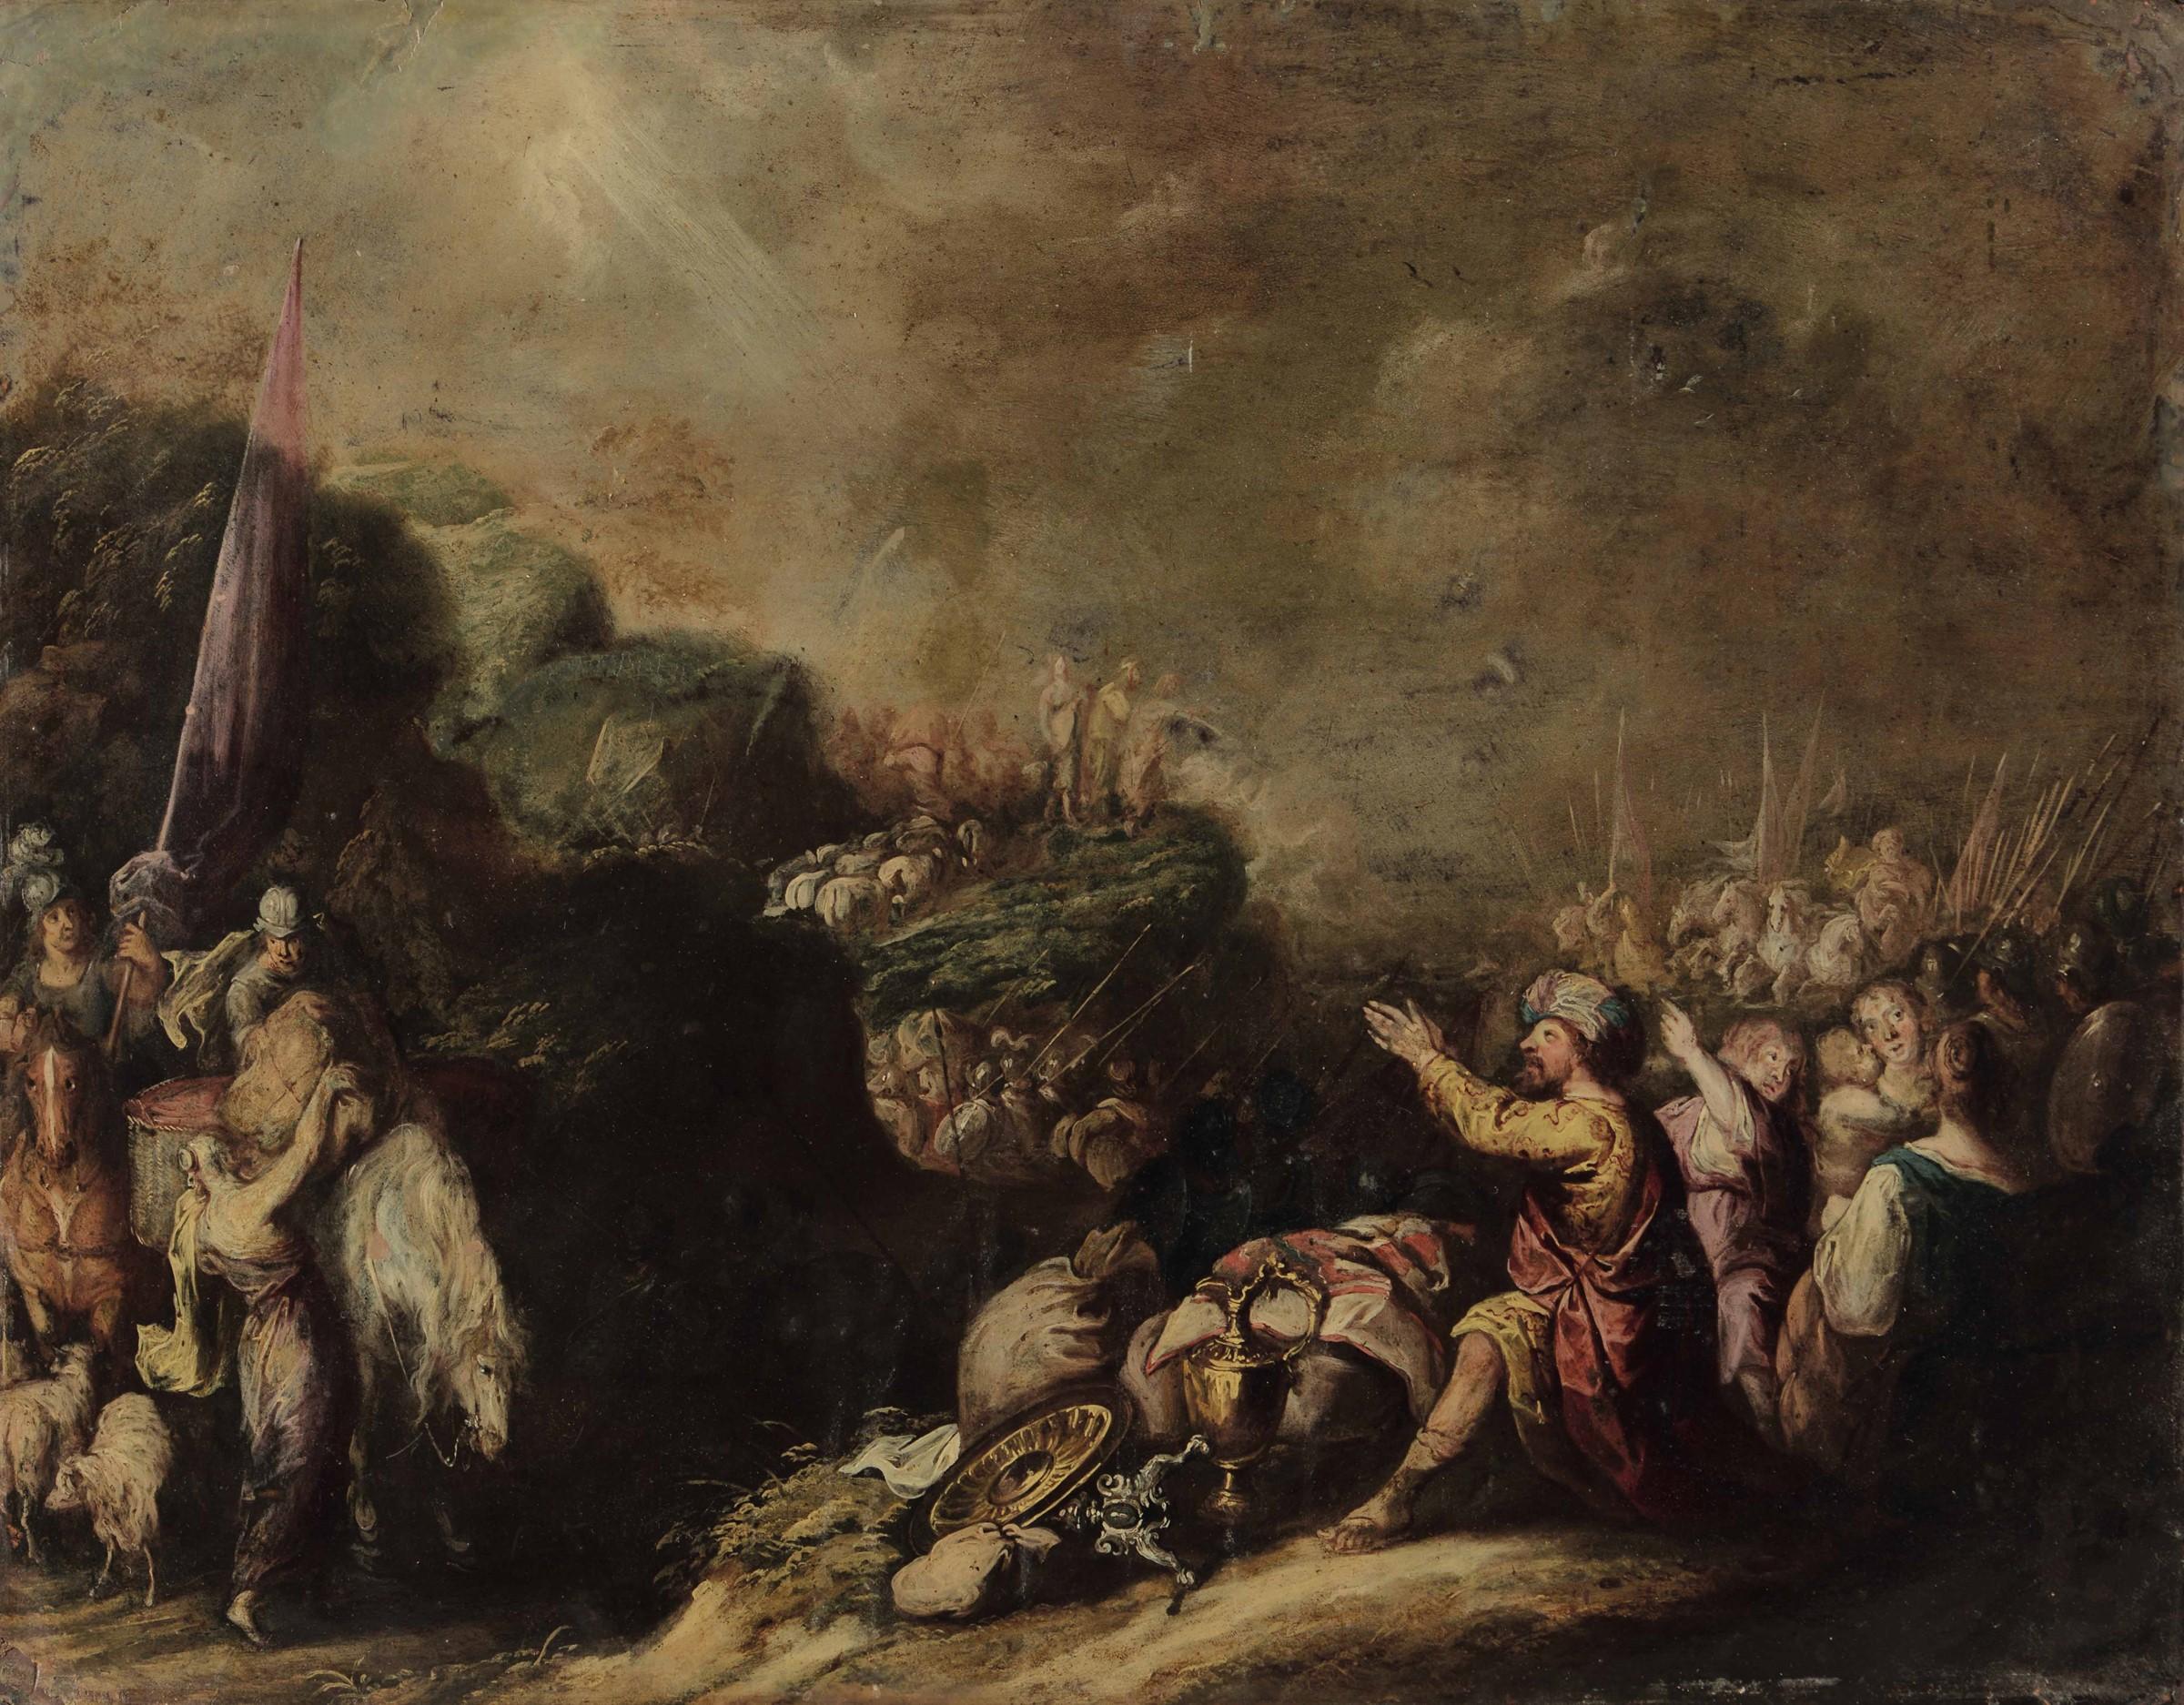 Scuola fiamminga del XVII secolo, Scena tratta dall'Antico Testamento - olio su rame, [...]